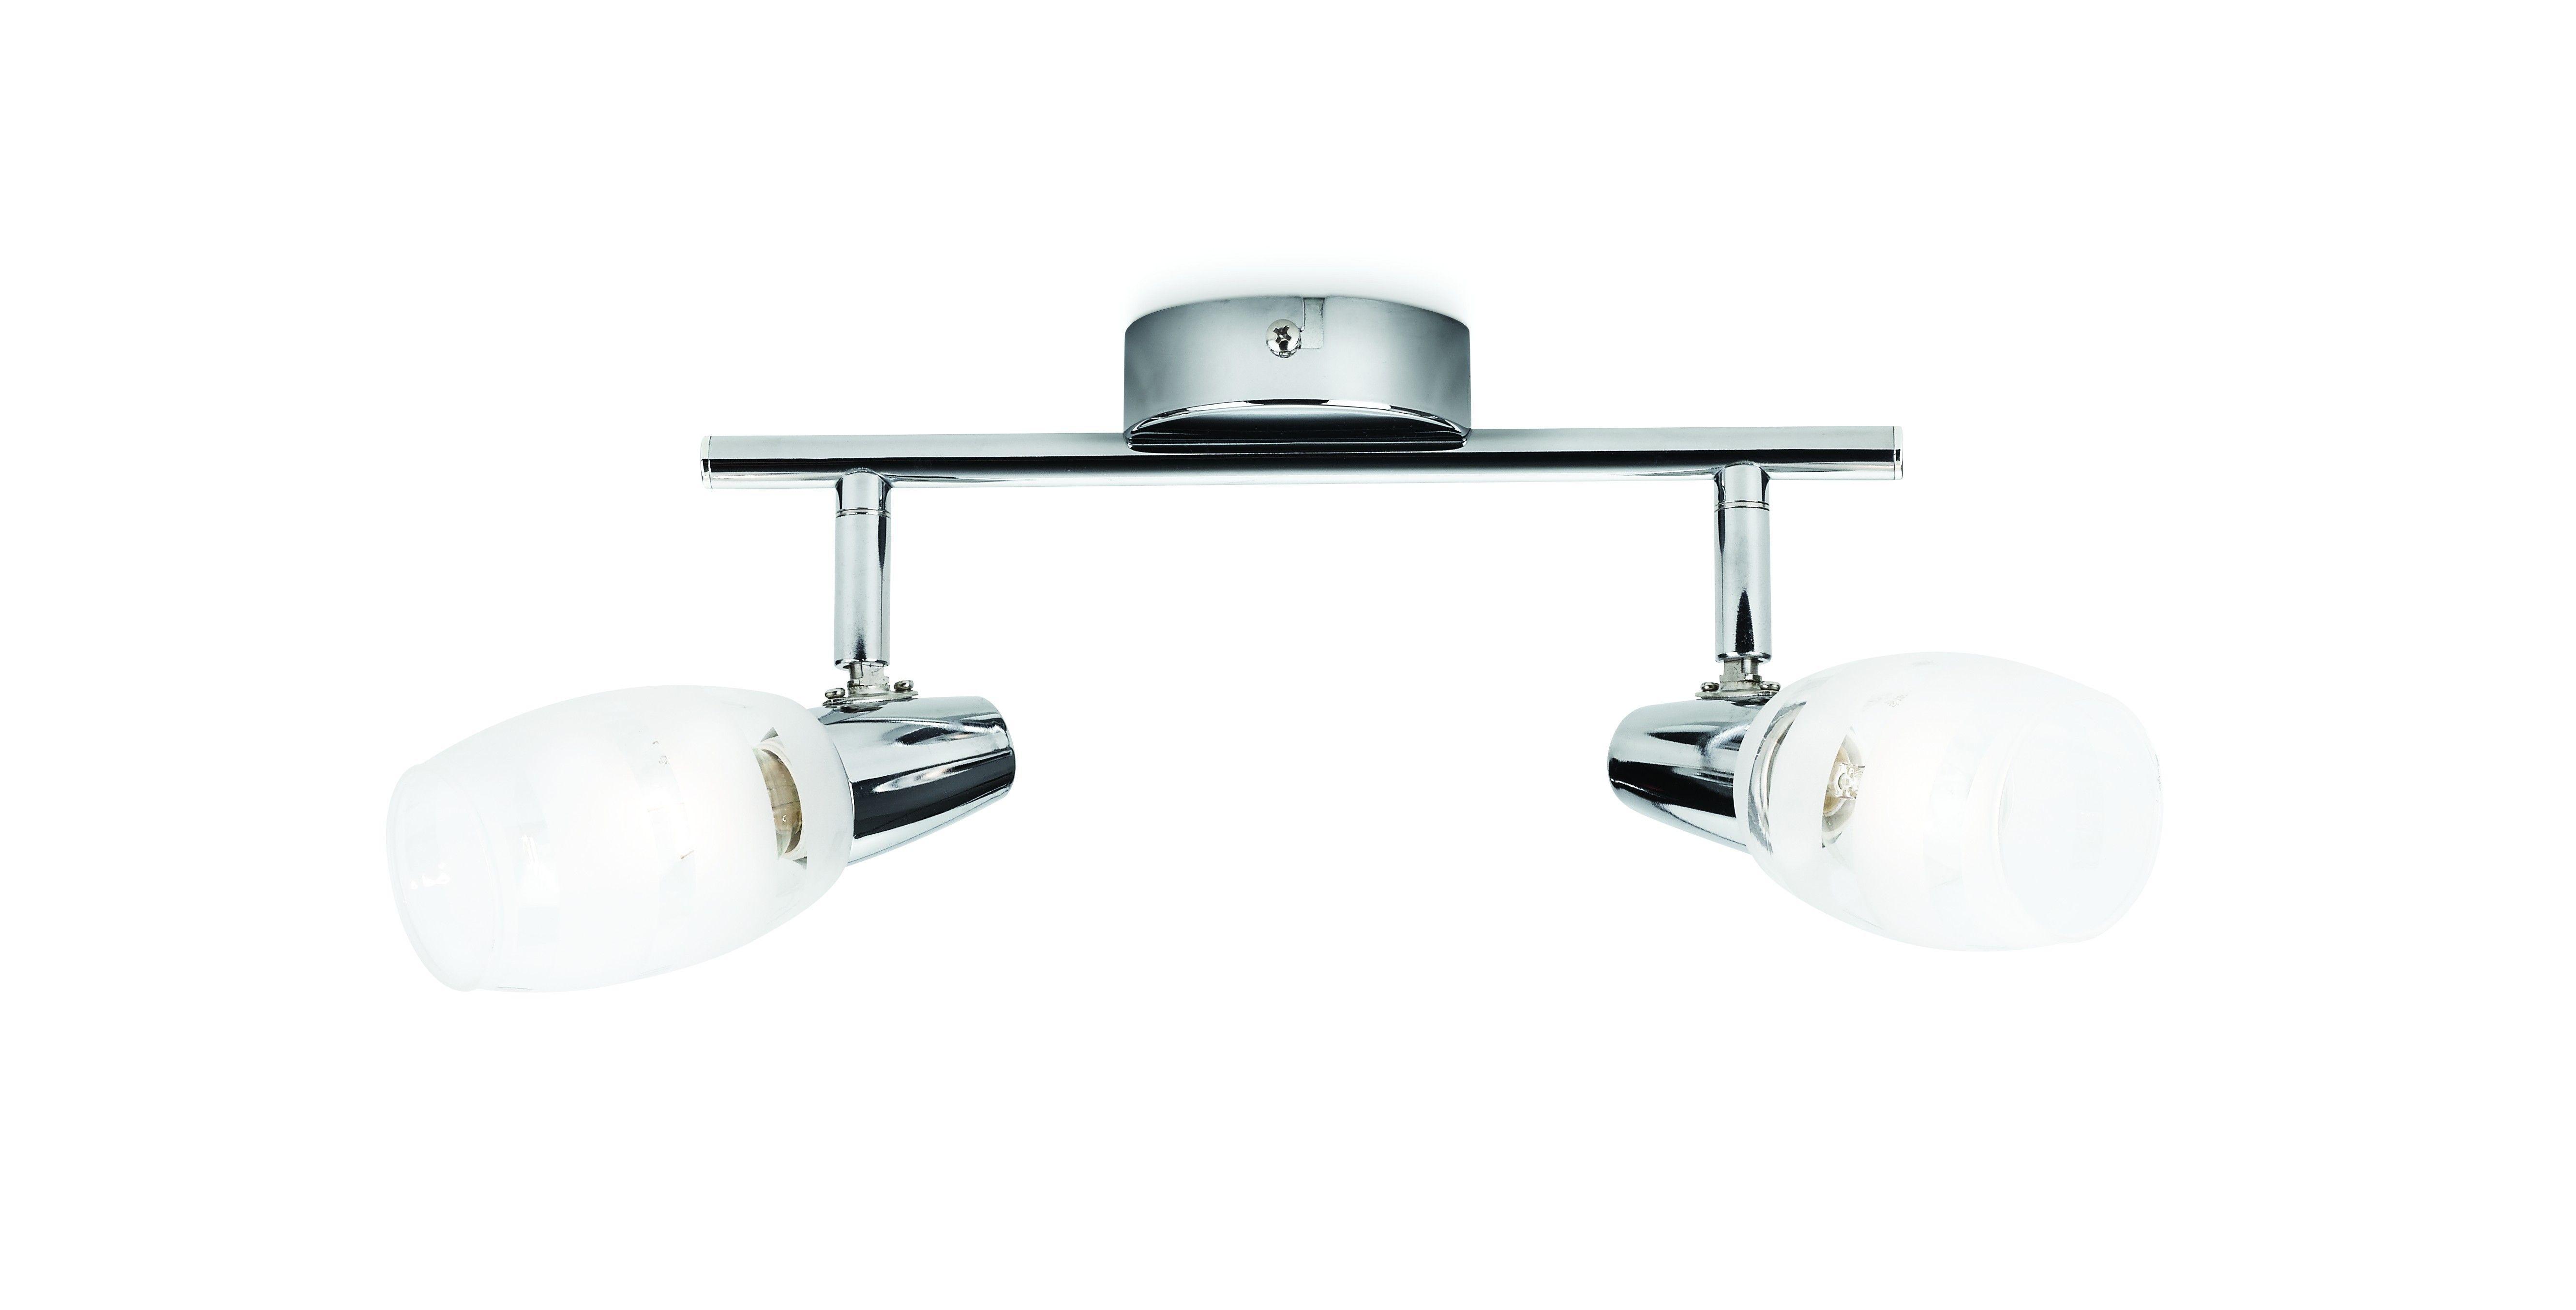 Philips Spot Dvoen Hemlock 5028211e7 50282 11 E7 Track Lighting Ceiling Lights Lighting